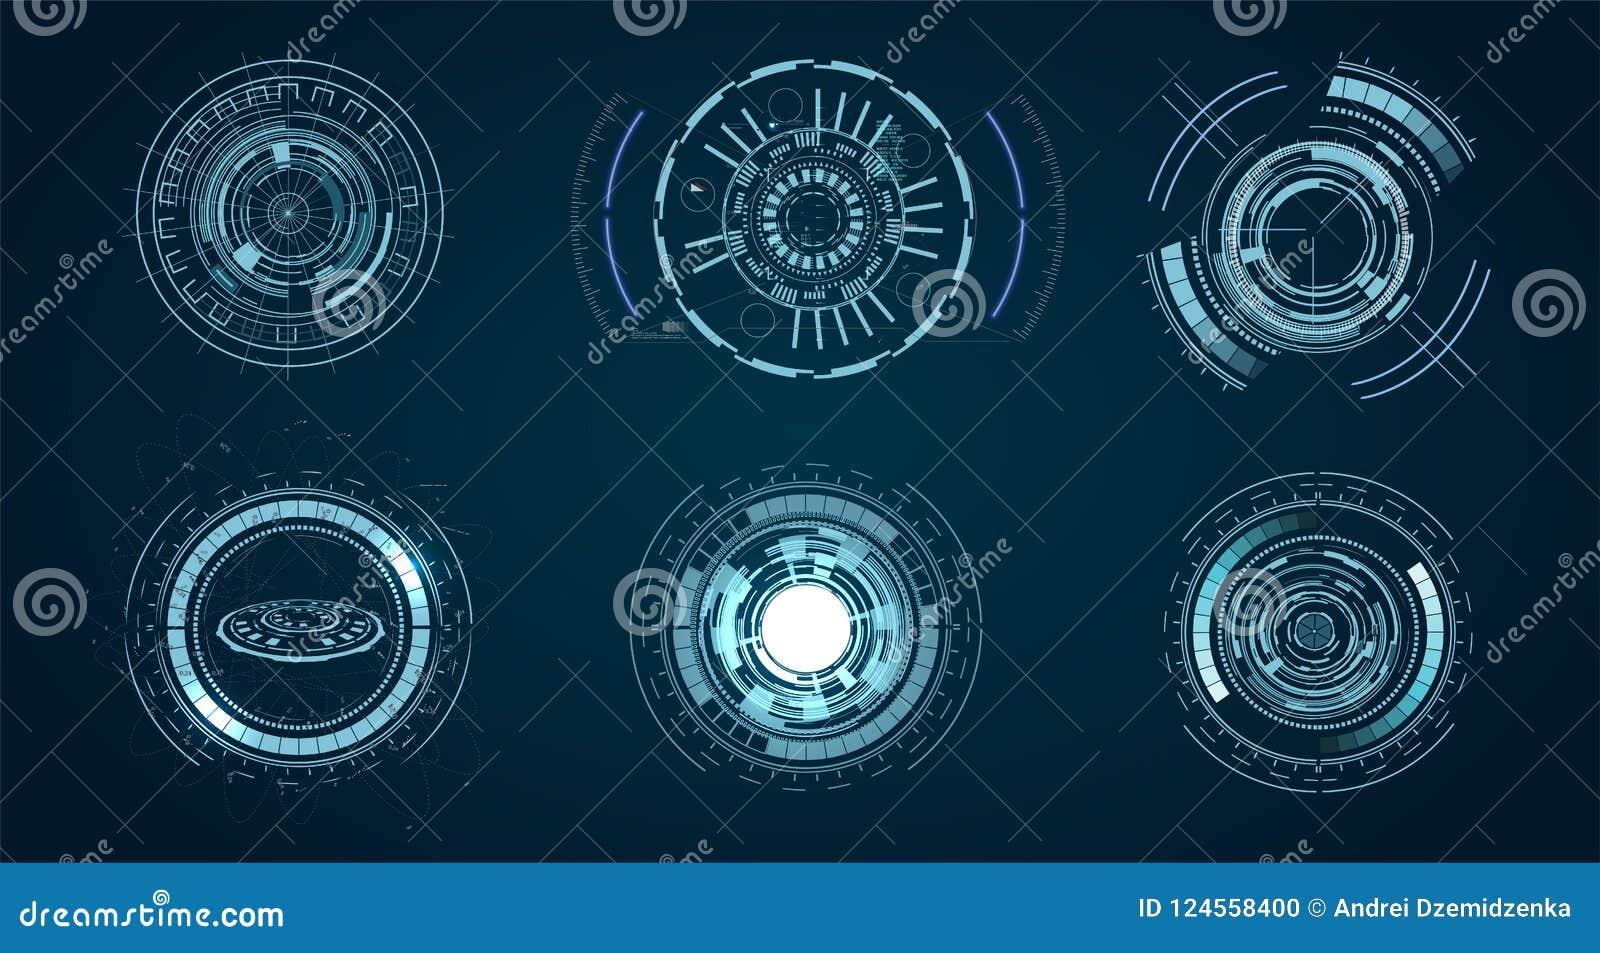 Technologische HUD-Elemente, futuristische Schnittstellenvirtuelle realität Futuristische Schablone Hud Kreis digital vom Technol